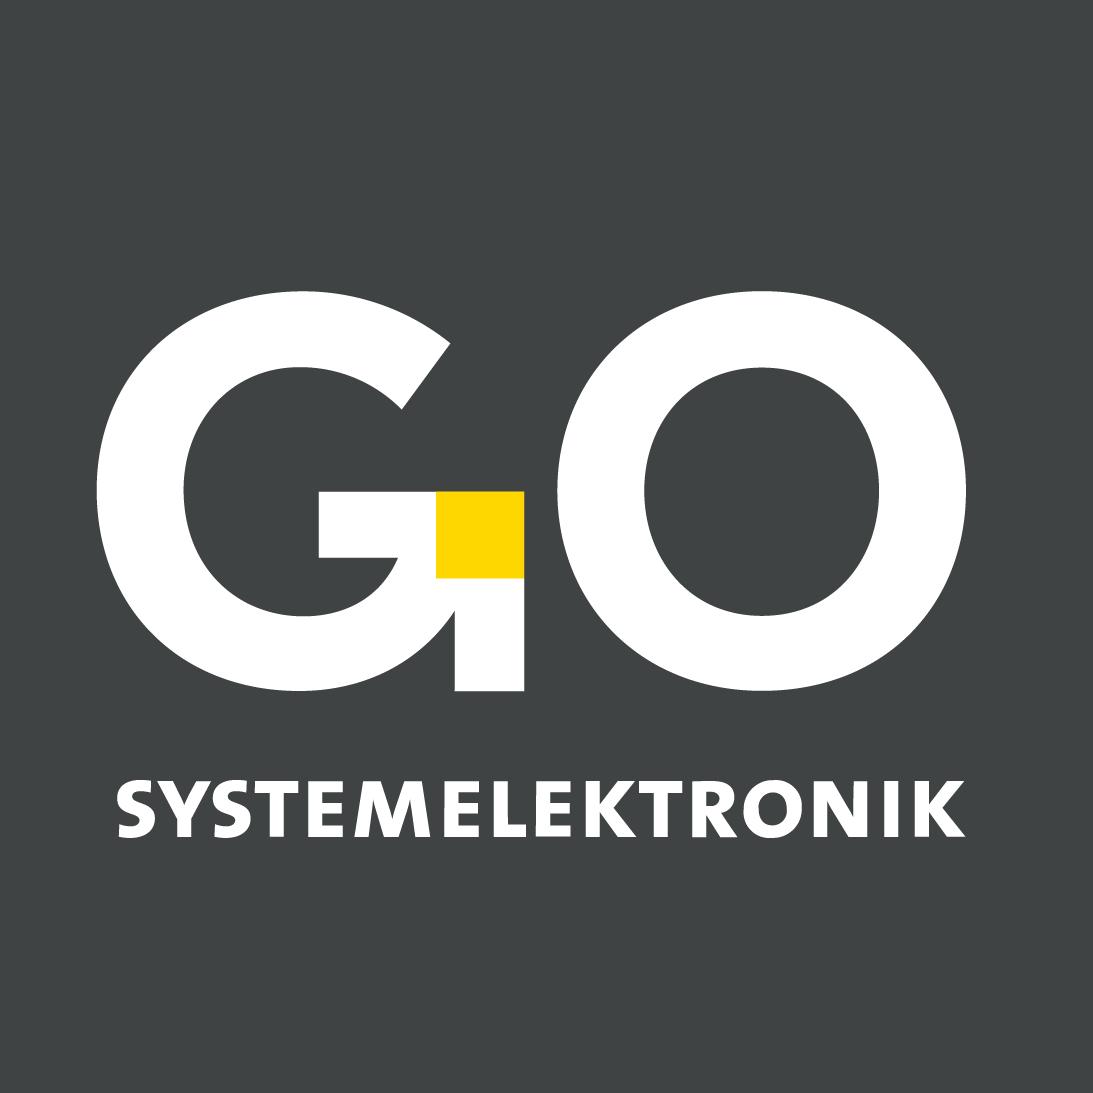 Company logo of GO Systemelektronik GmbH